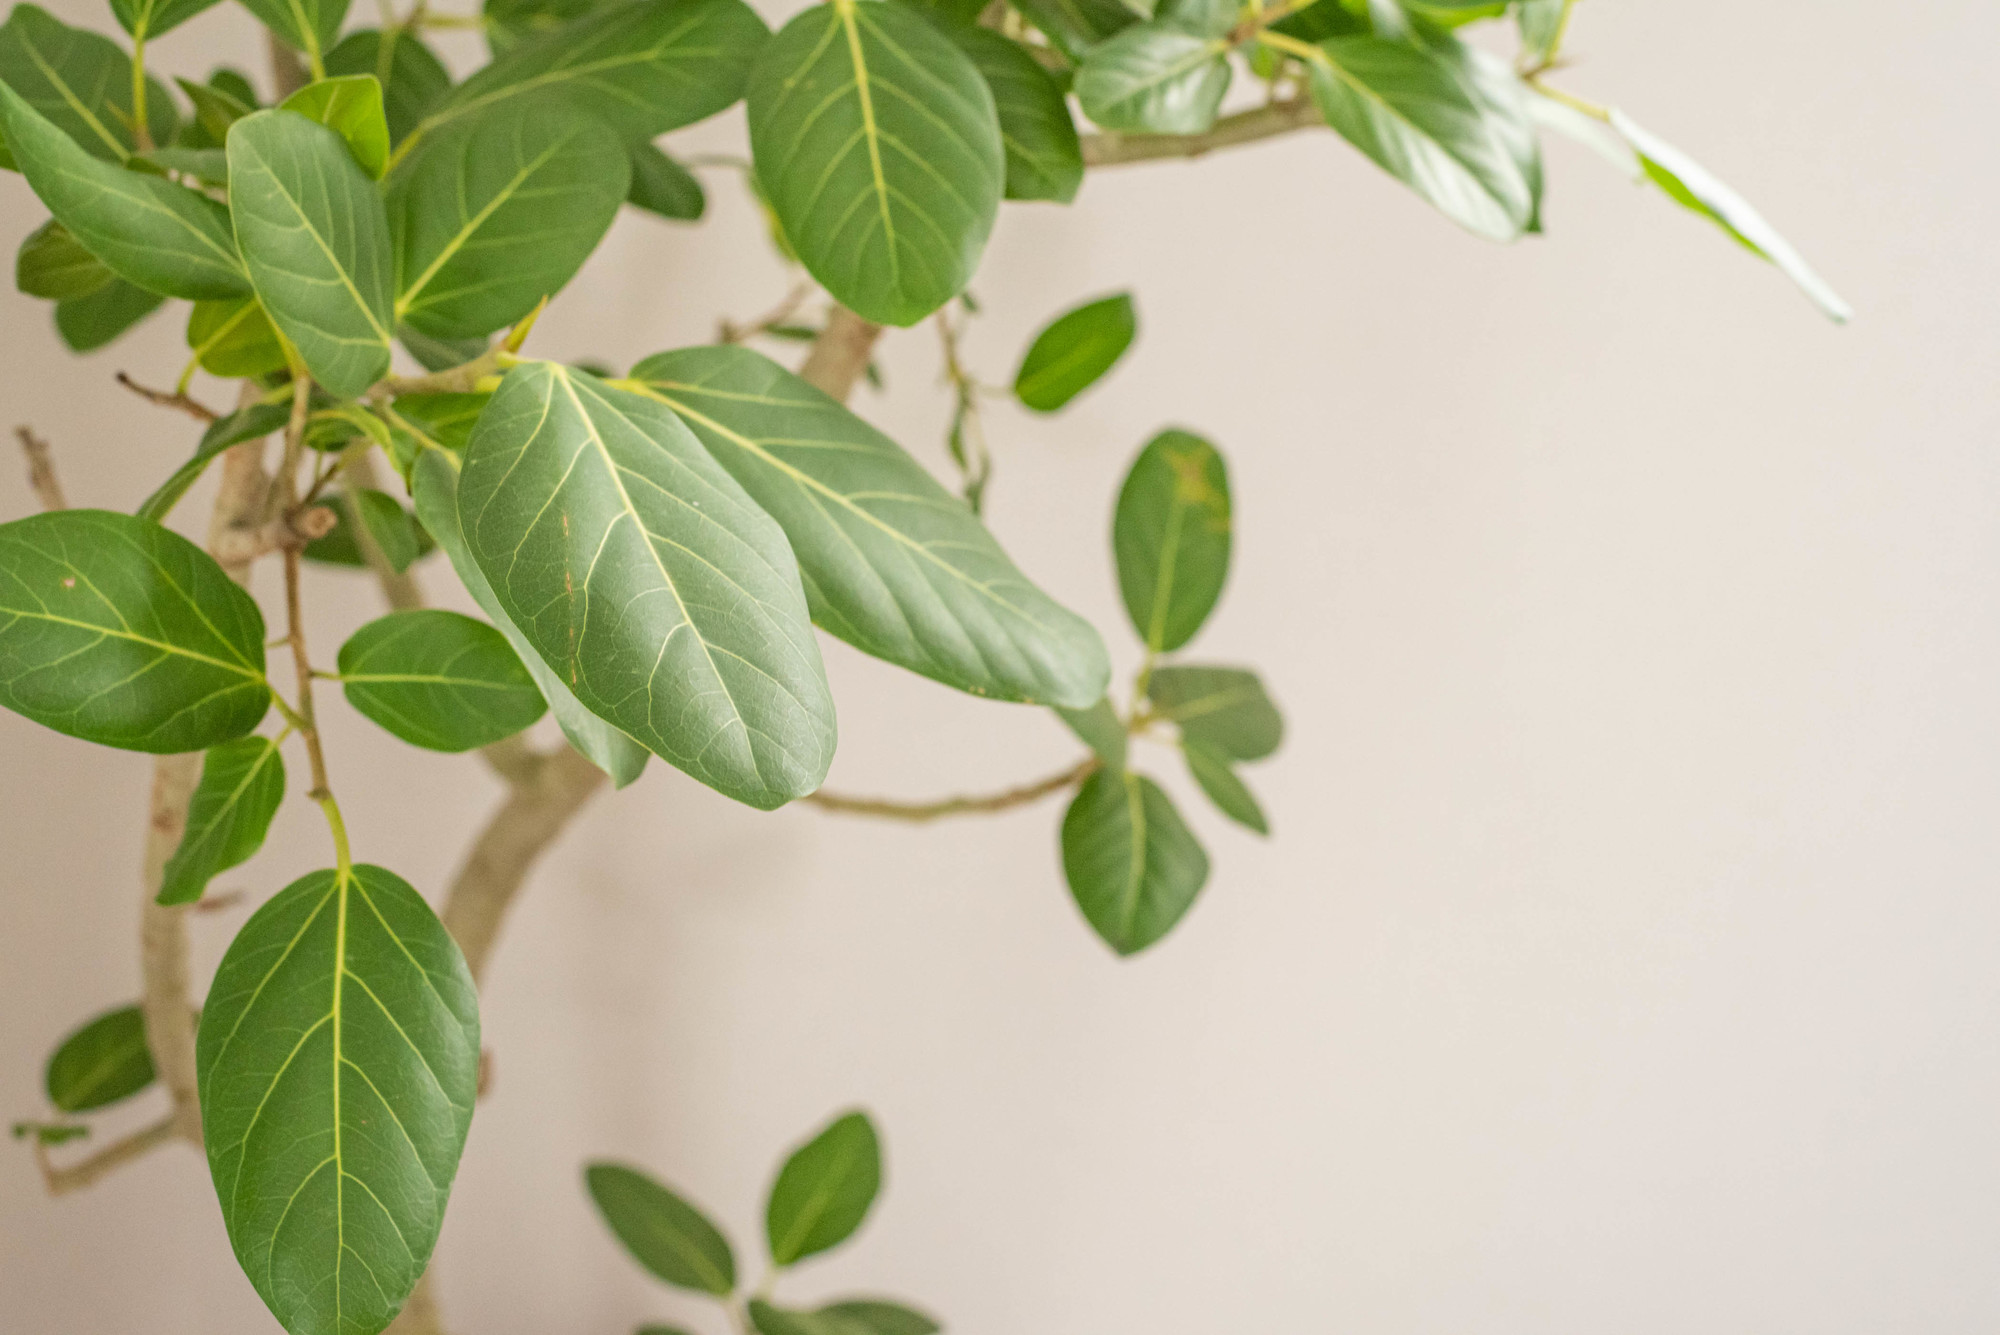 緑色のたまご型の葉、白けた幹と枝が特徴で、どんなお部屋にも合うことも人気の理由のひとつ。耐陰性はありますが、できるだけ日当たりが良く、10℃以上の部屋で育てるのが良さそうです。